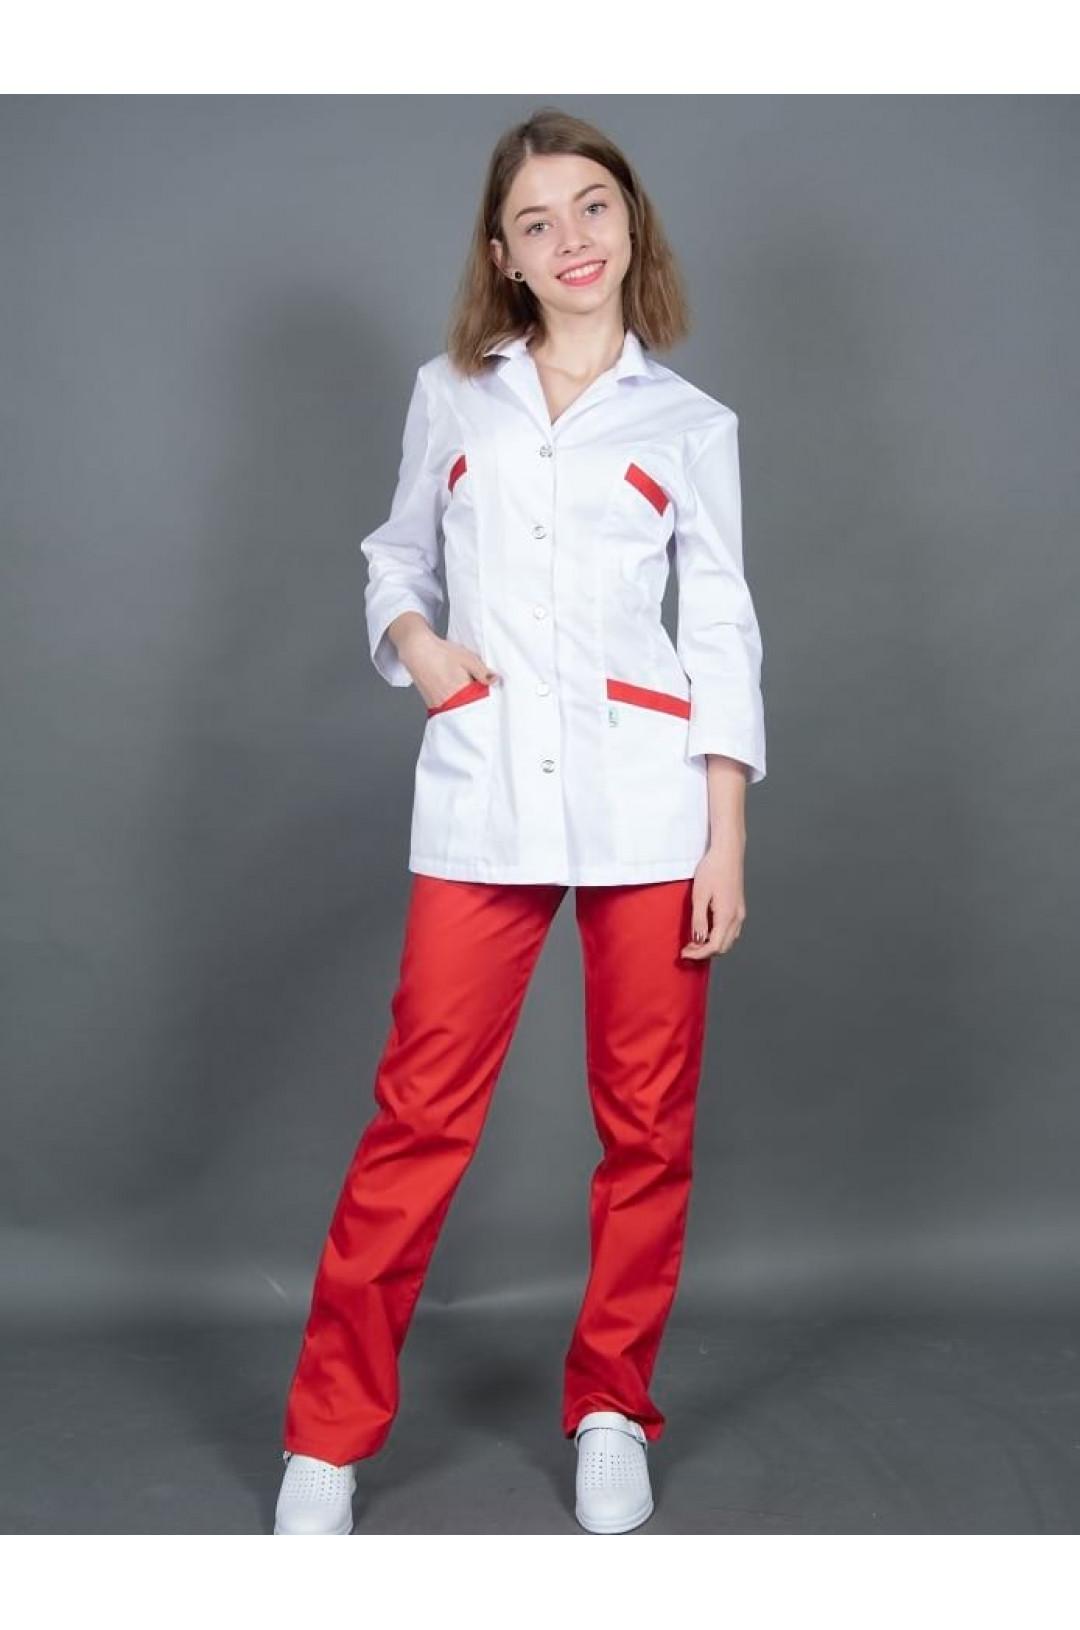 Костюм медицинский женский 204 (бело/красный 44, сатори)